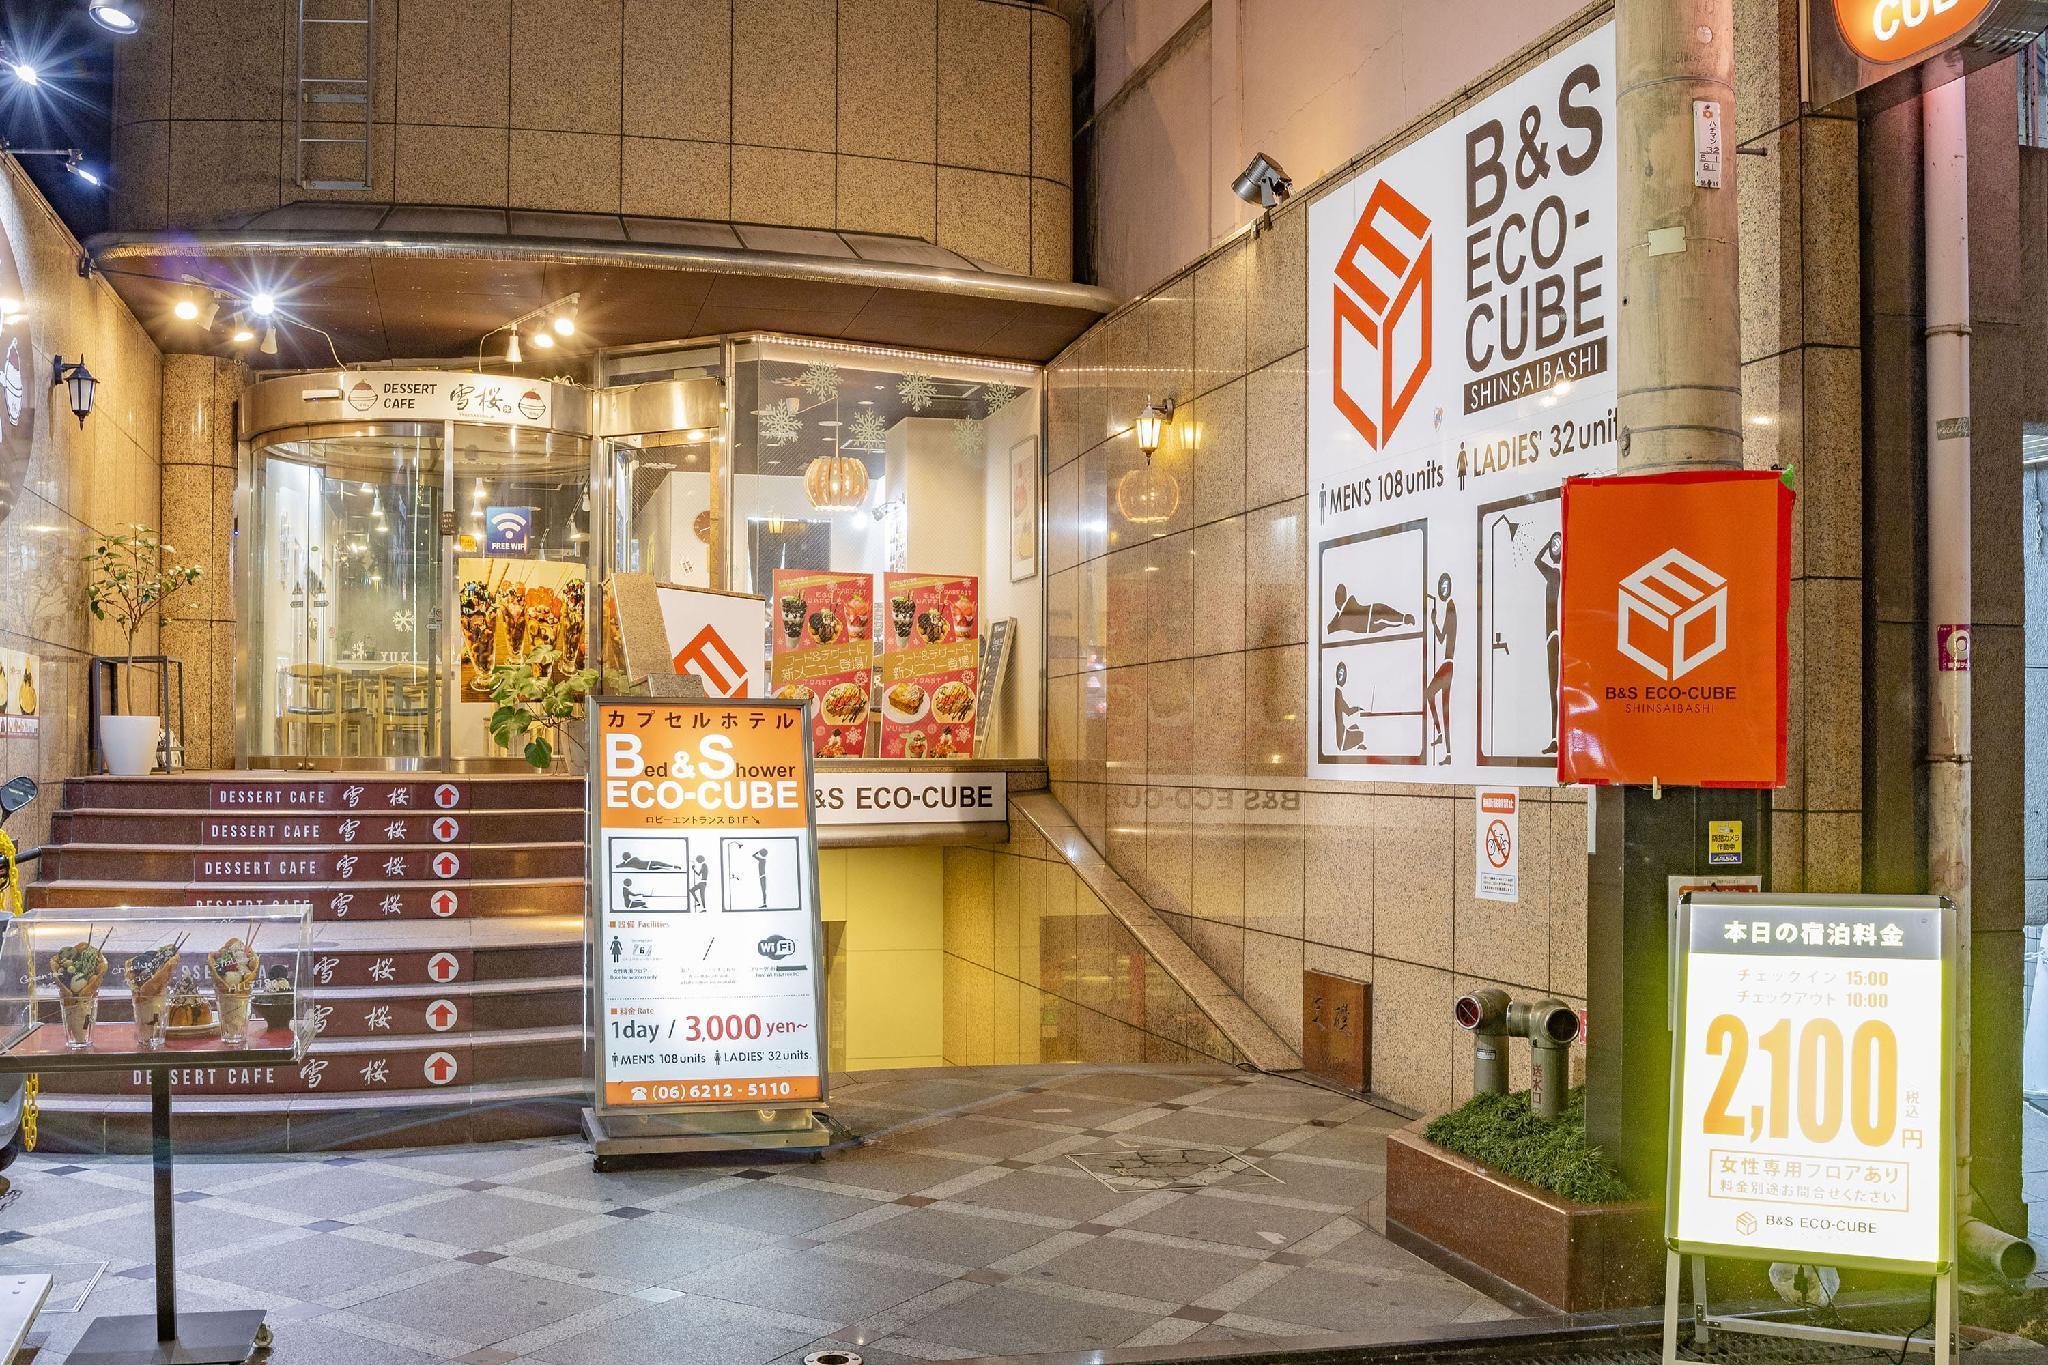 Eco Cube Shinsaibashi